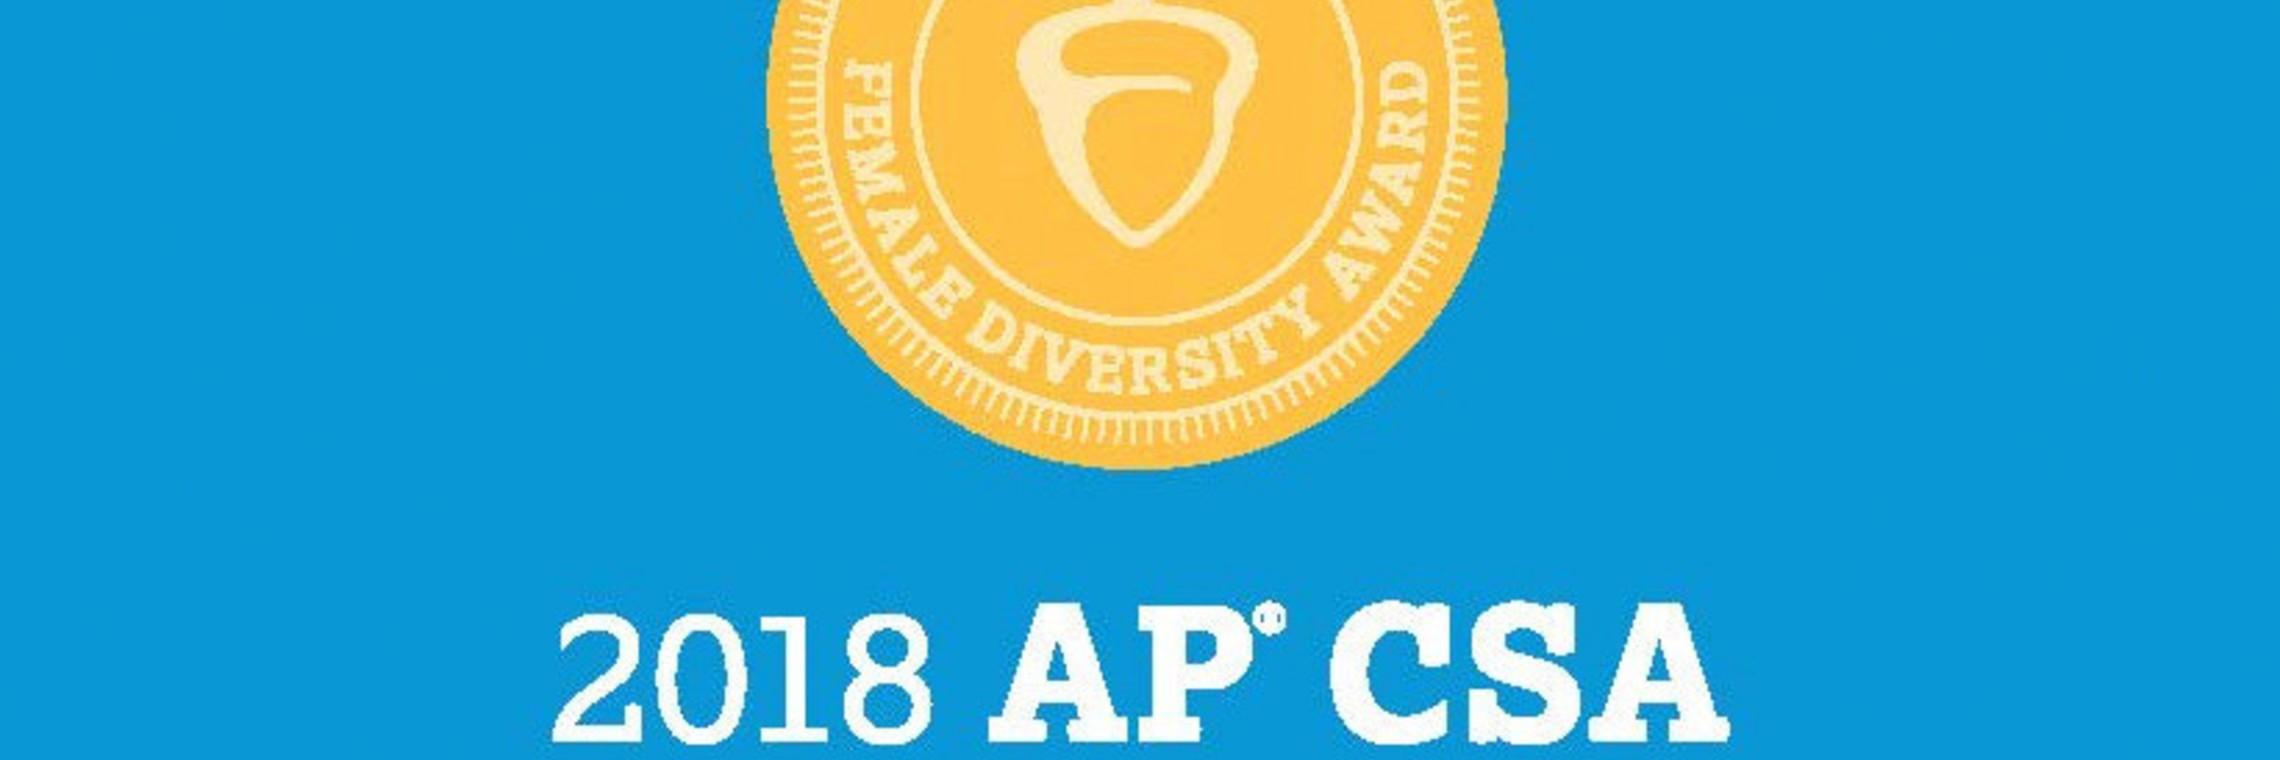 1 1 Ap Csa Female Diversity Award 2 1